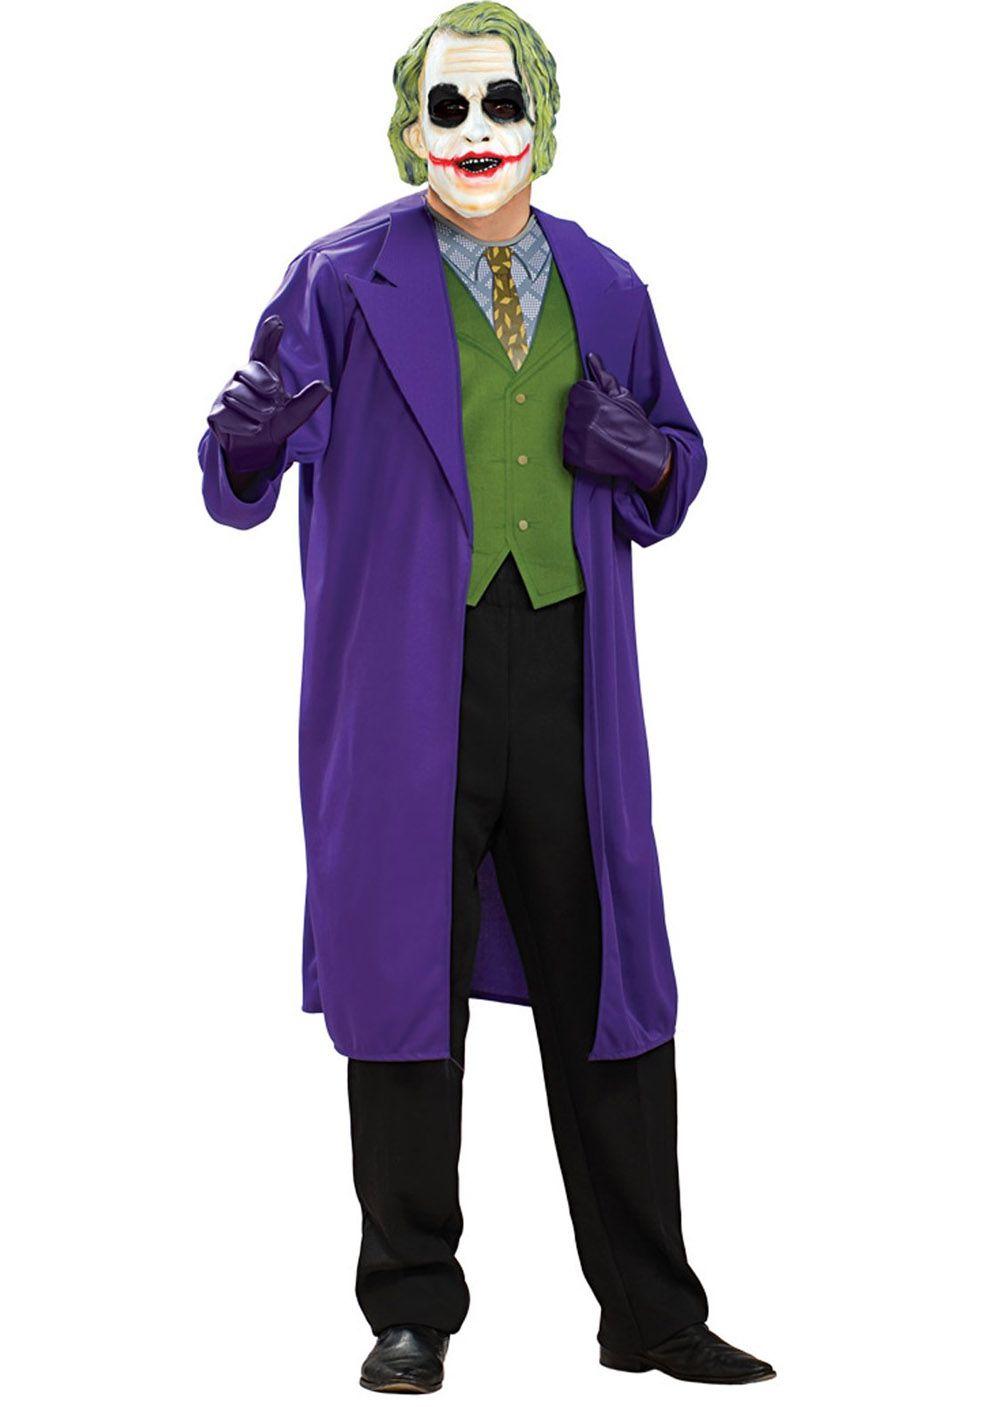 disfraces de halloween joker